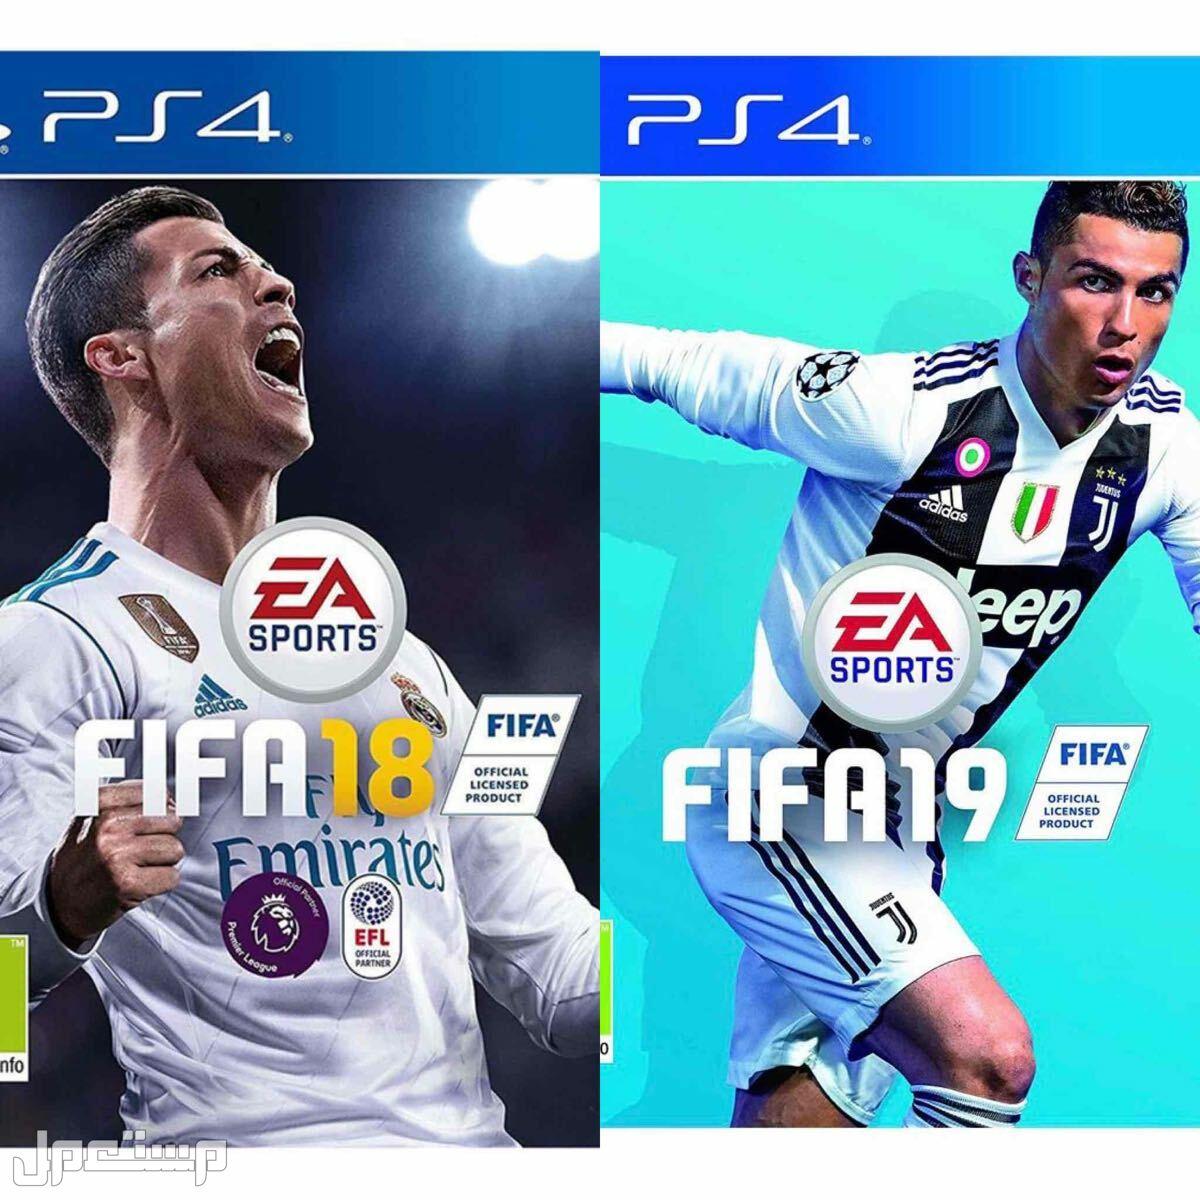 فيفا 18 + فيفا 19 - PS4